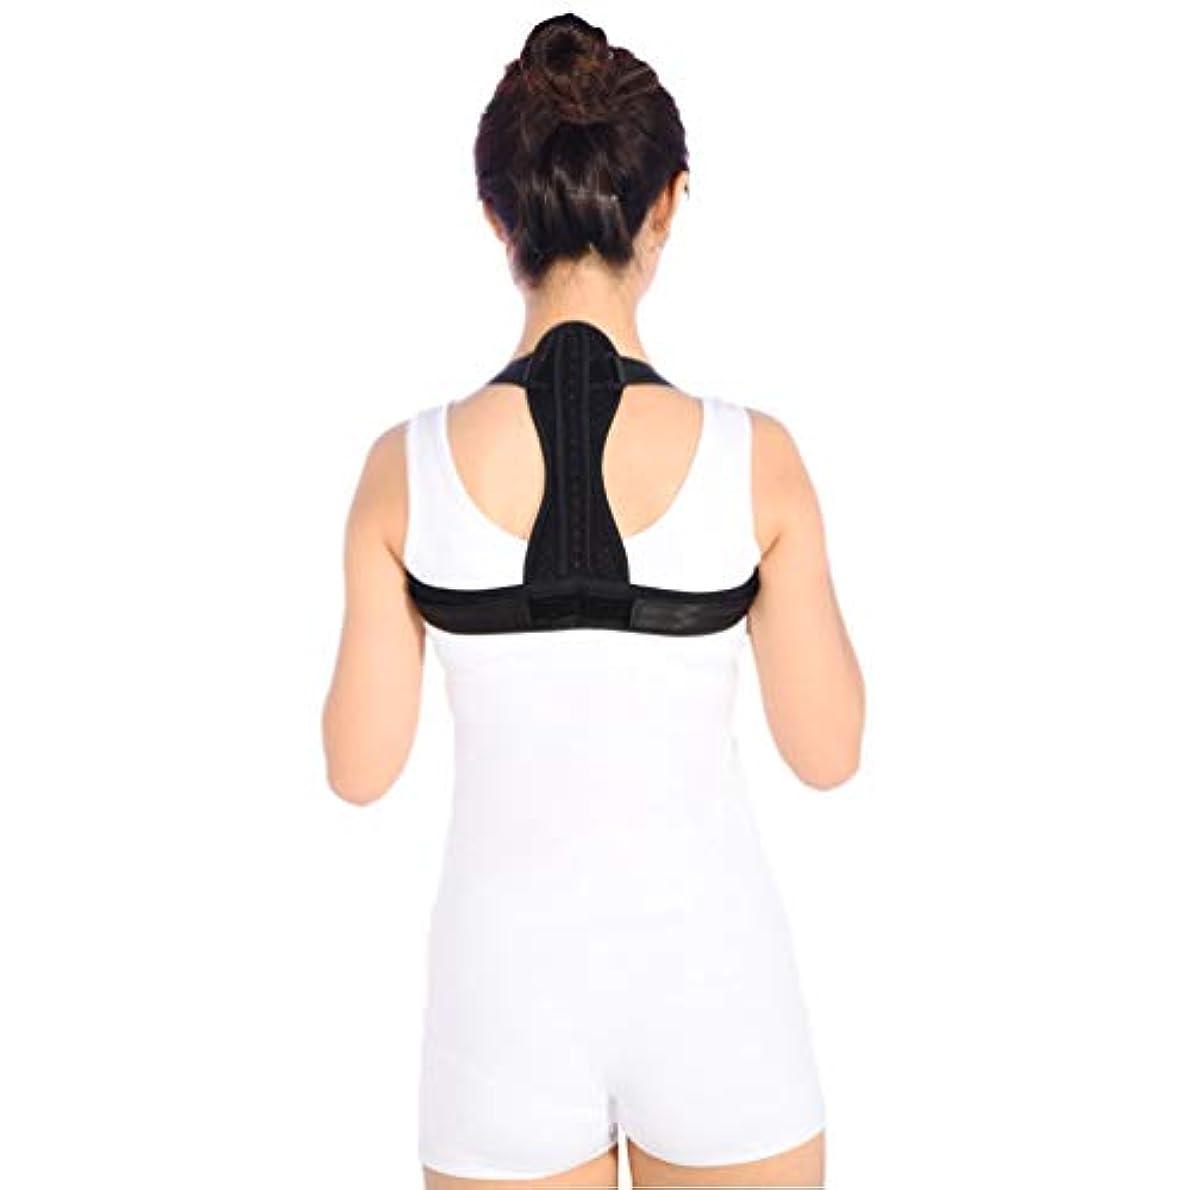 迫害する弱点クリーム通気性の脊柱側弯症ザトウクジラ補正ベルト調節可能な快適さ目に見えないベルト男性女性大人学生子供 - 黒